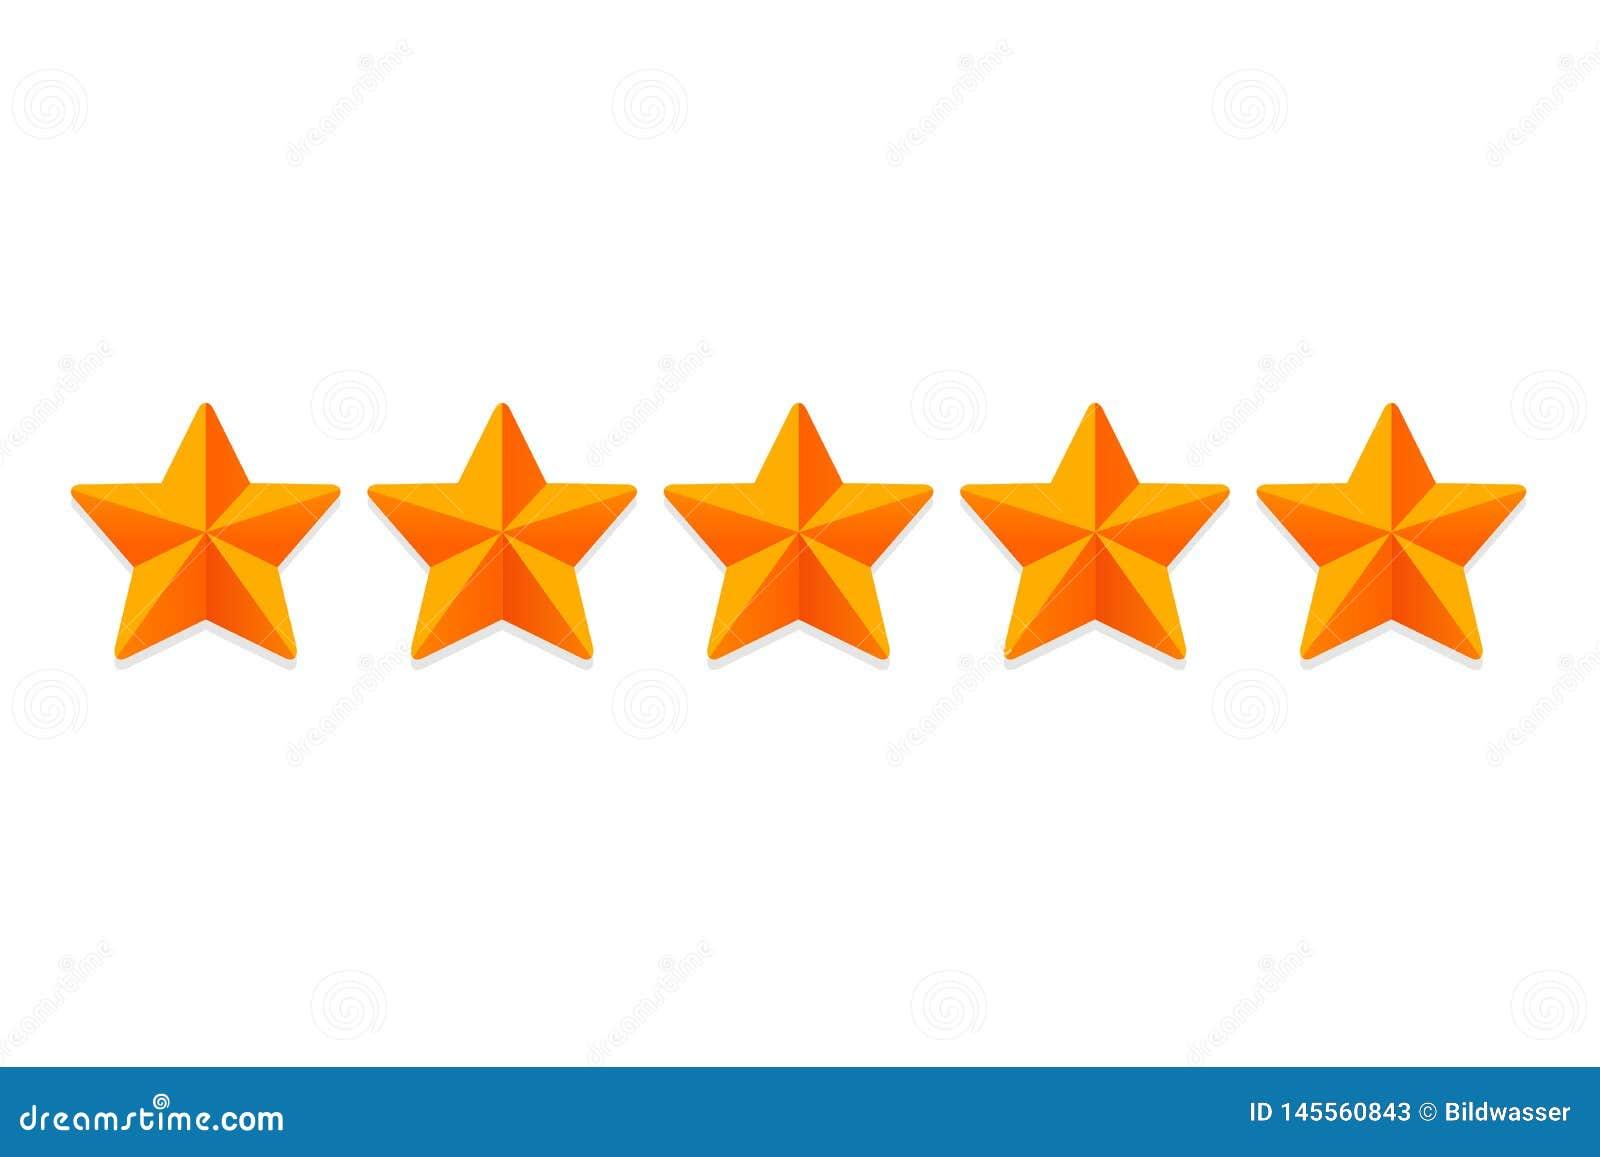 Clasificación de clasificación de las estrellas 5 Rate Review Ranking Vector de las muestras de la estrella de la web